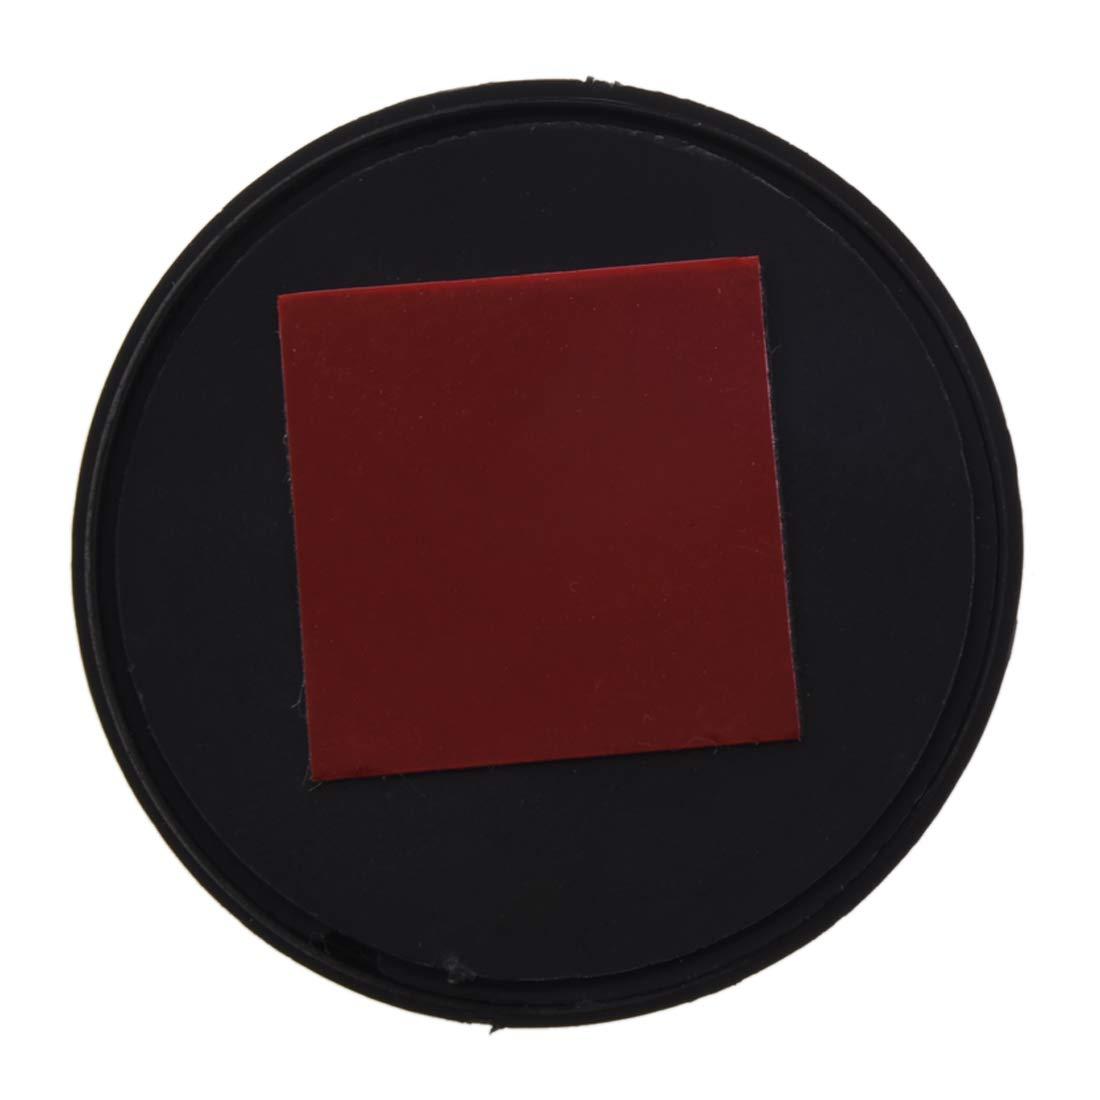 - Specchietto angolo cieco 5,1 cm confezione da 2 SODIAL R